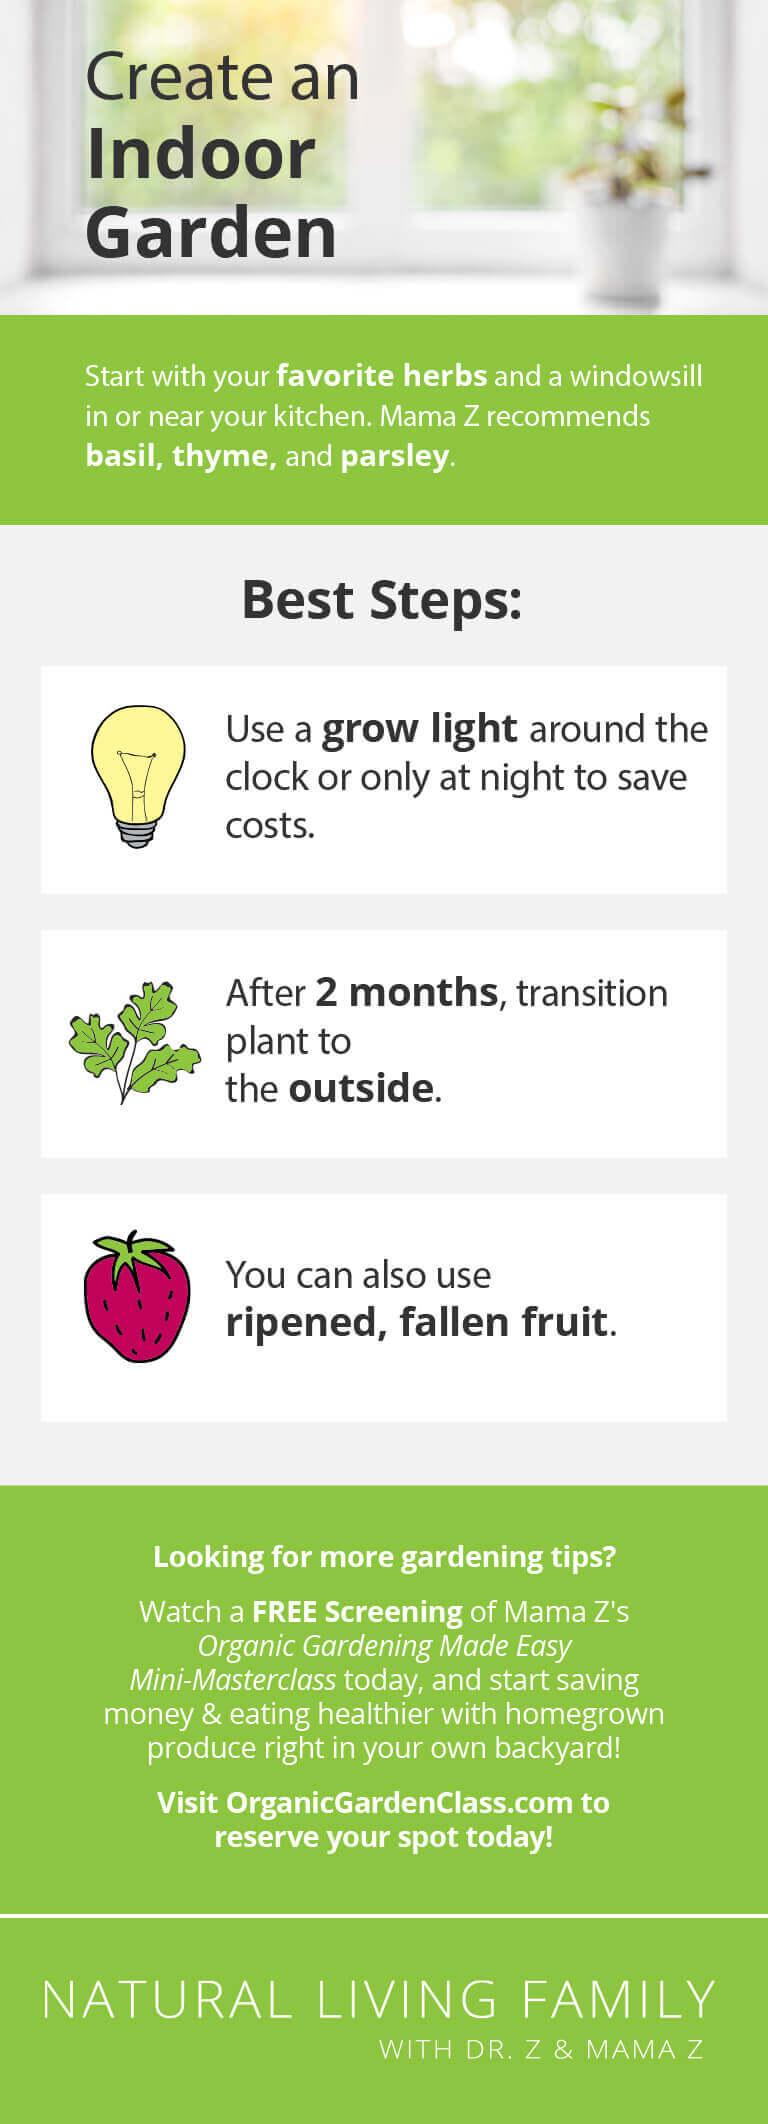 How to Grow Herbs - How to Create an Indoor Garden